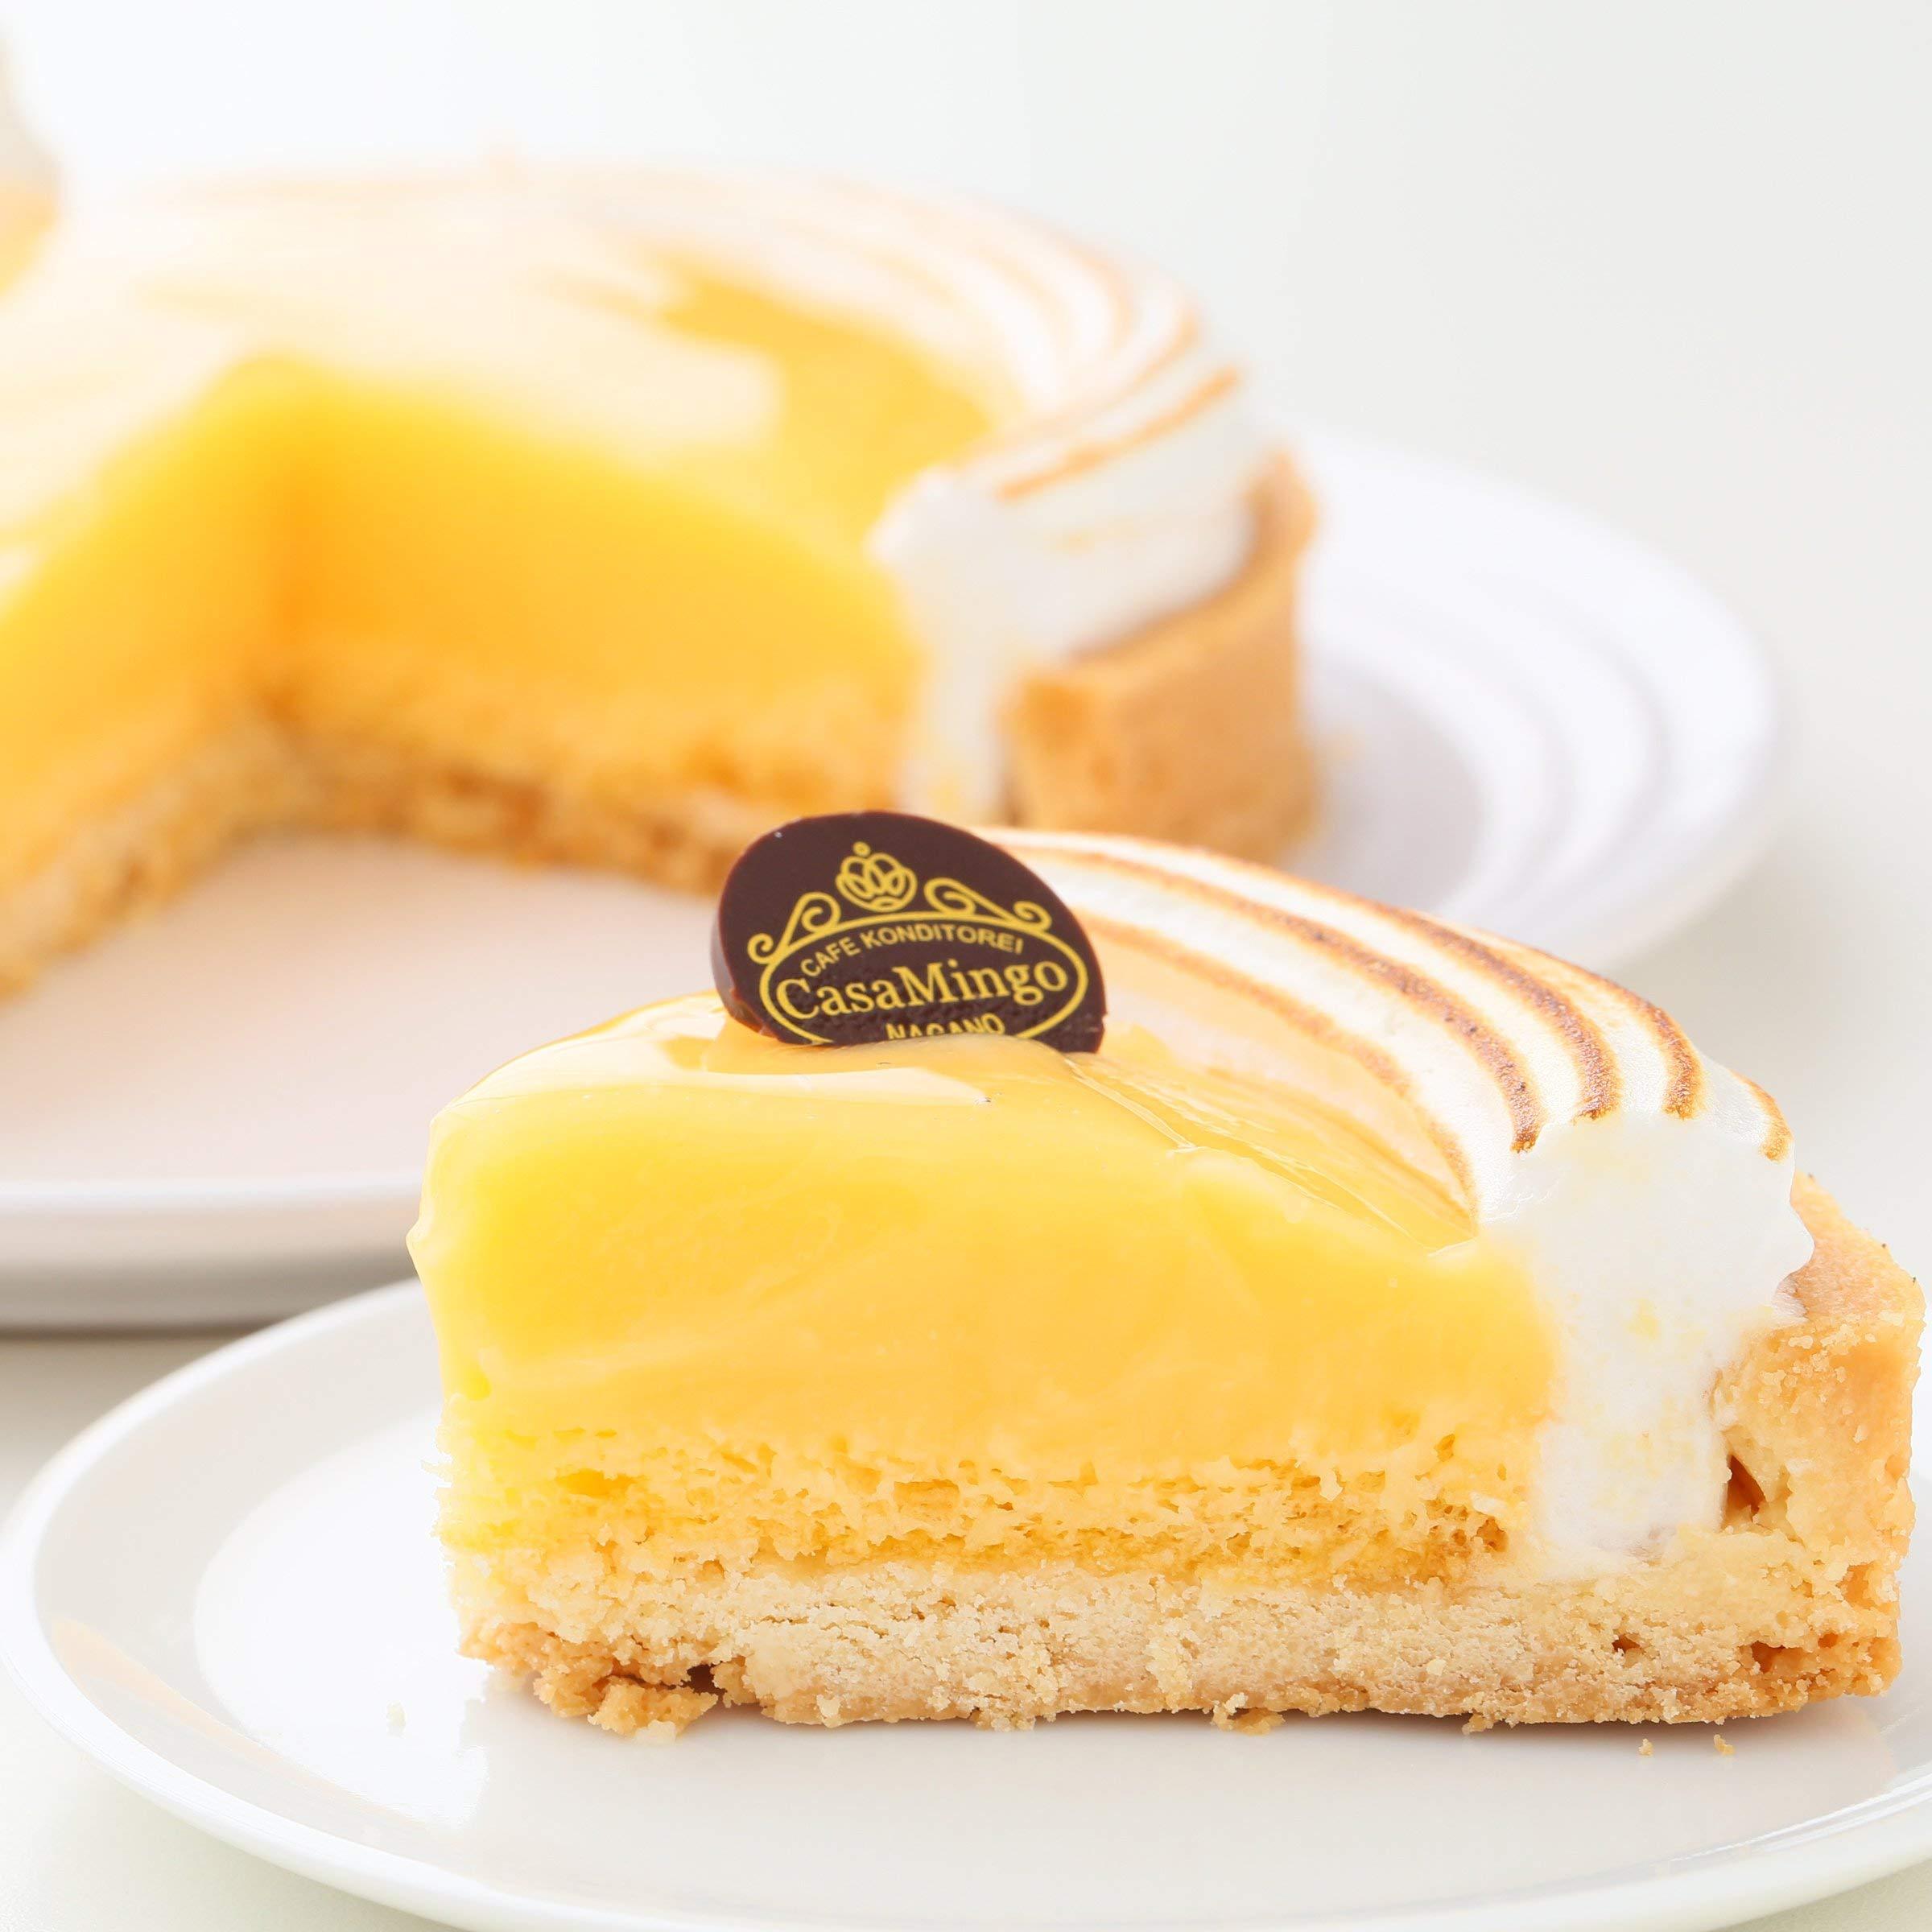 ケーキ Ipad壁紙 タルト オー シトロン レモンのタルト その他 スマホ用画像177647